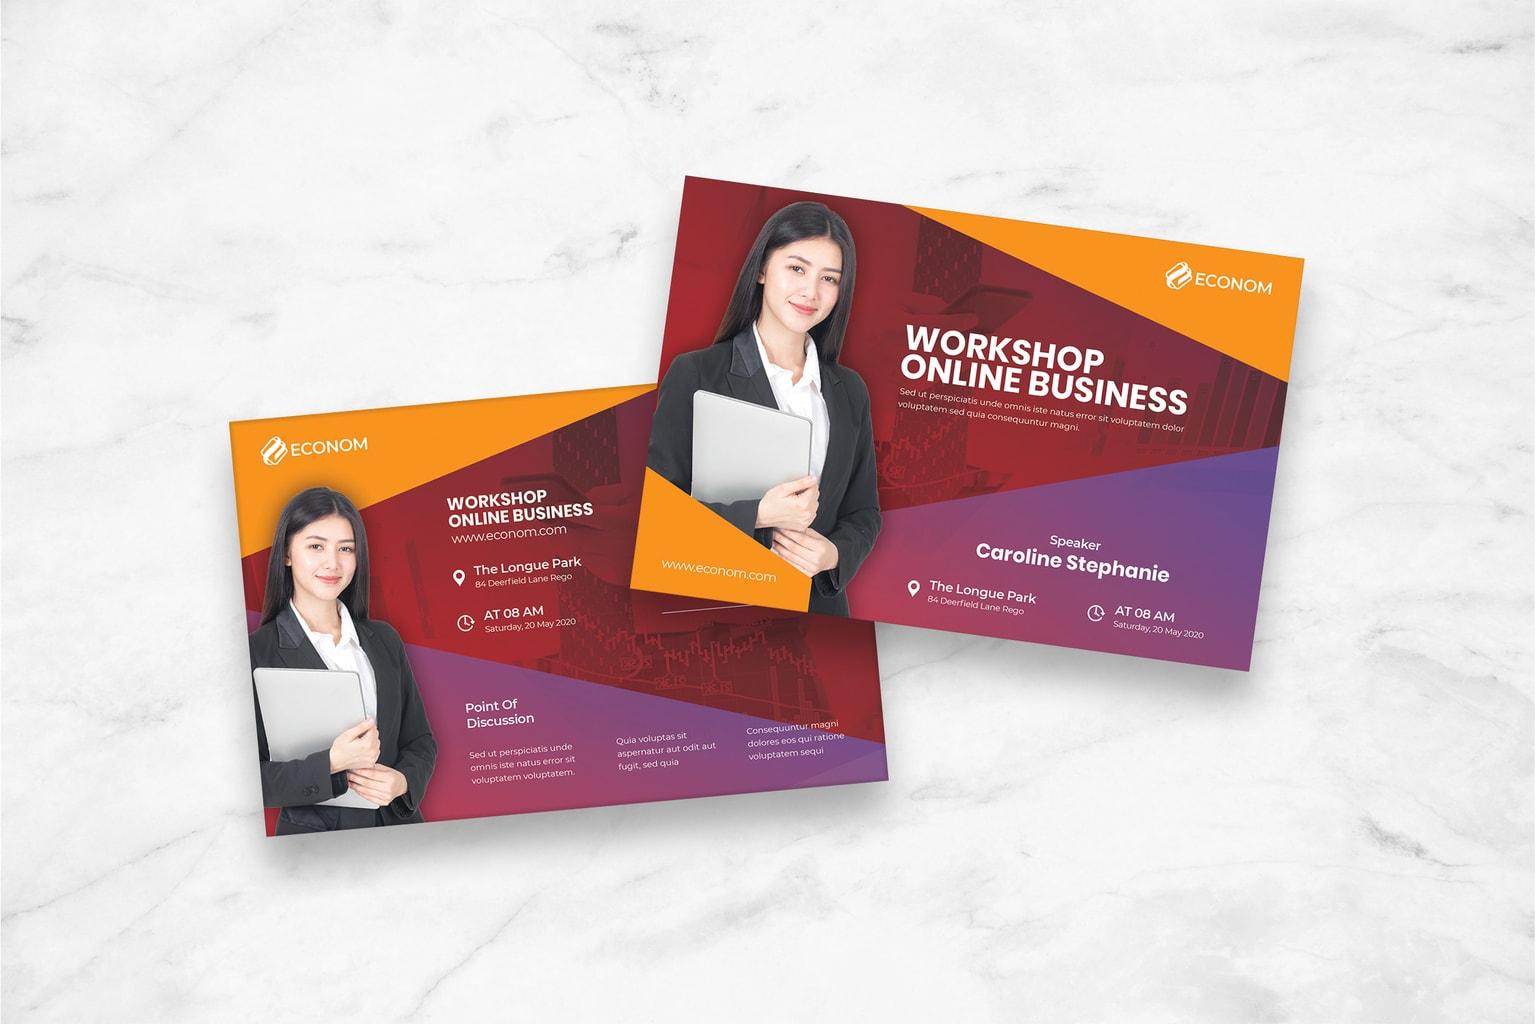 postcard workshop online business 1